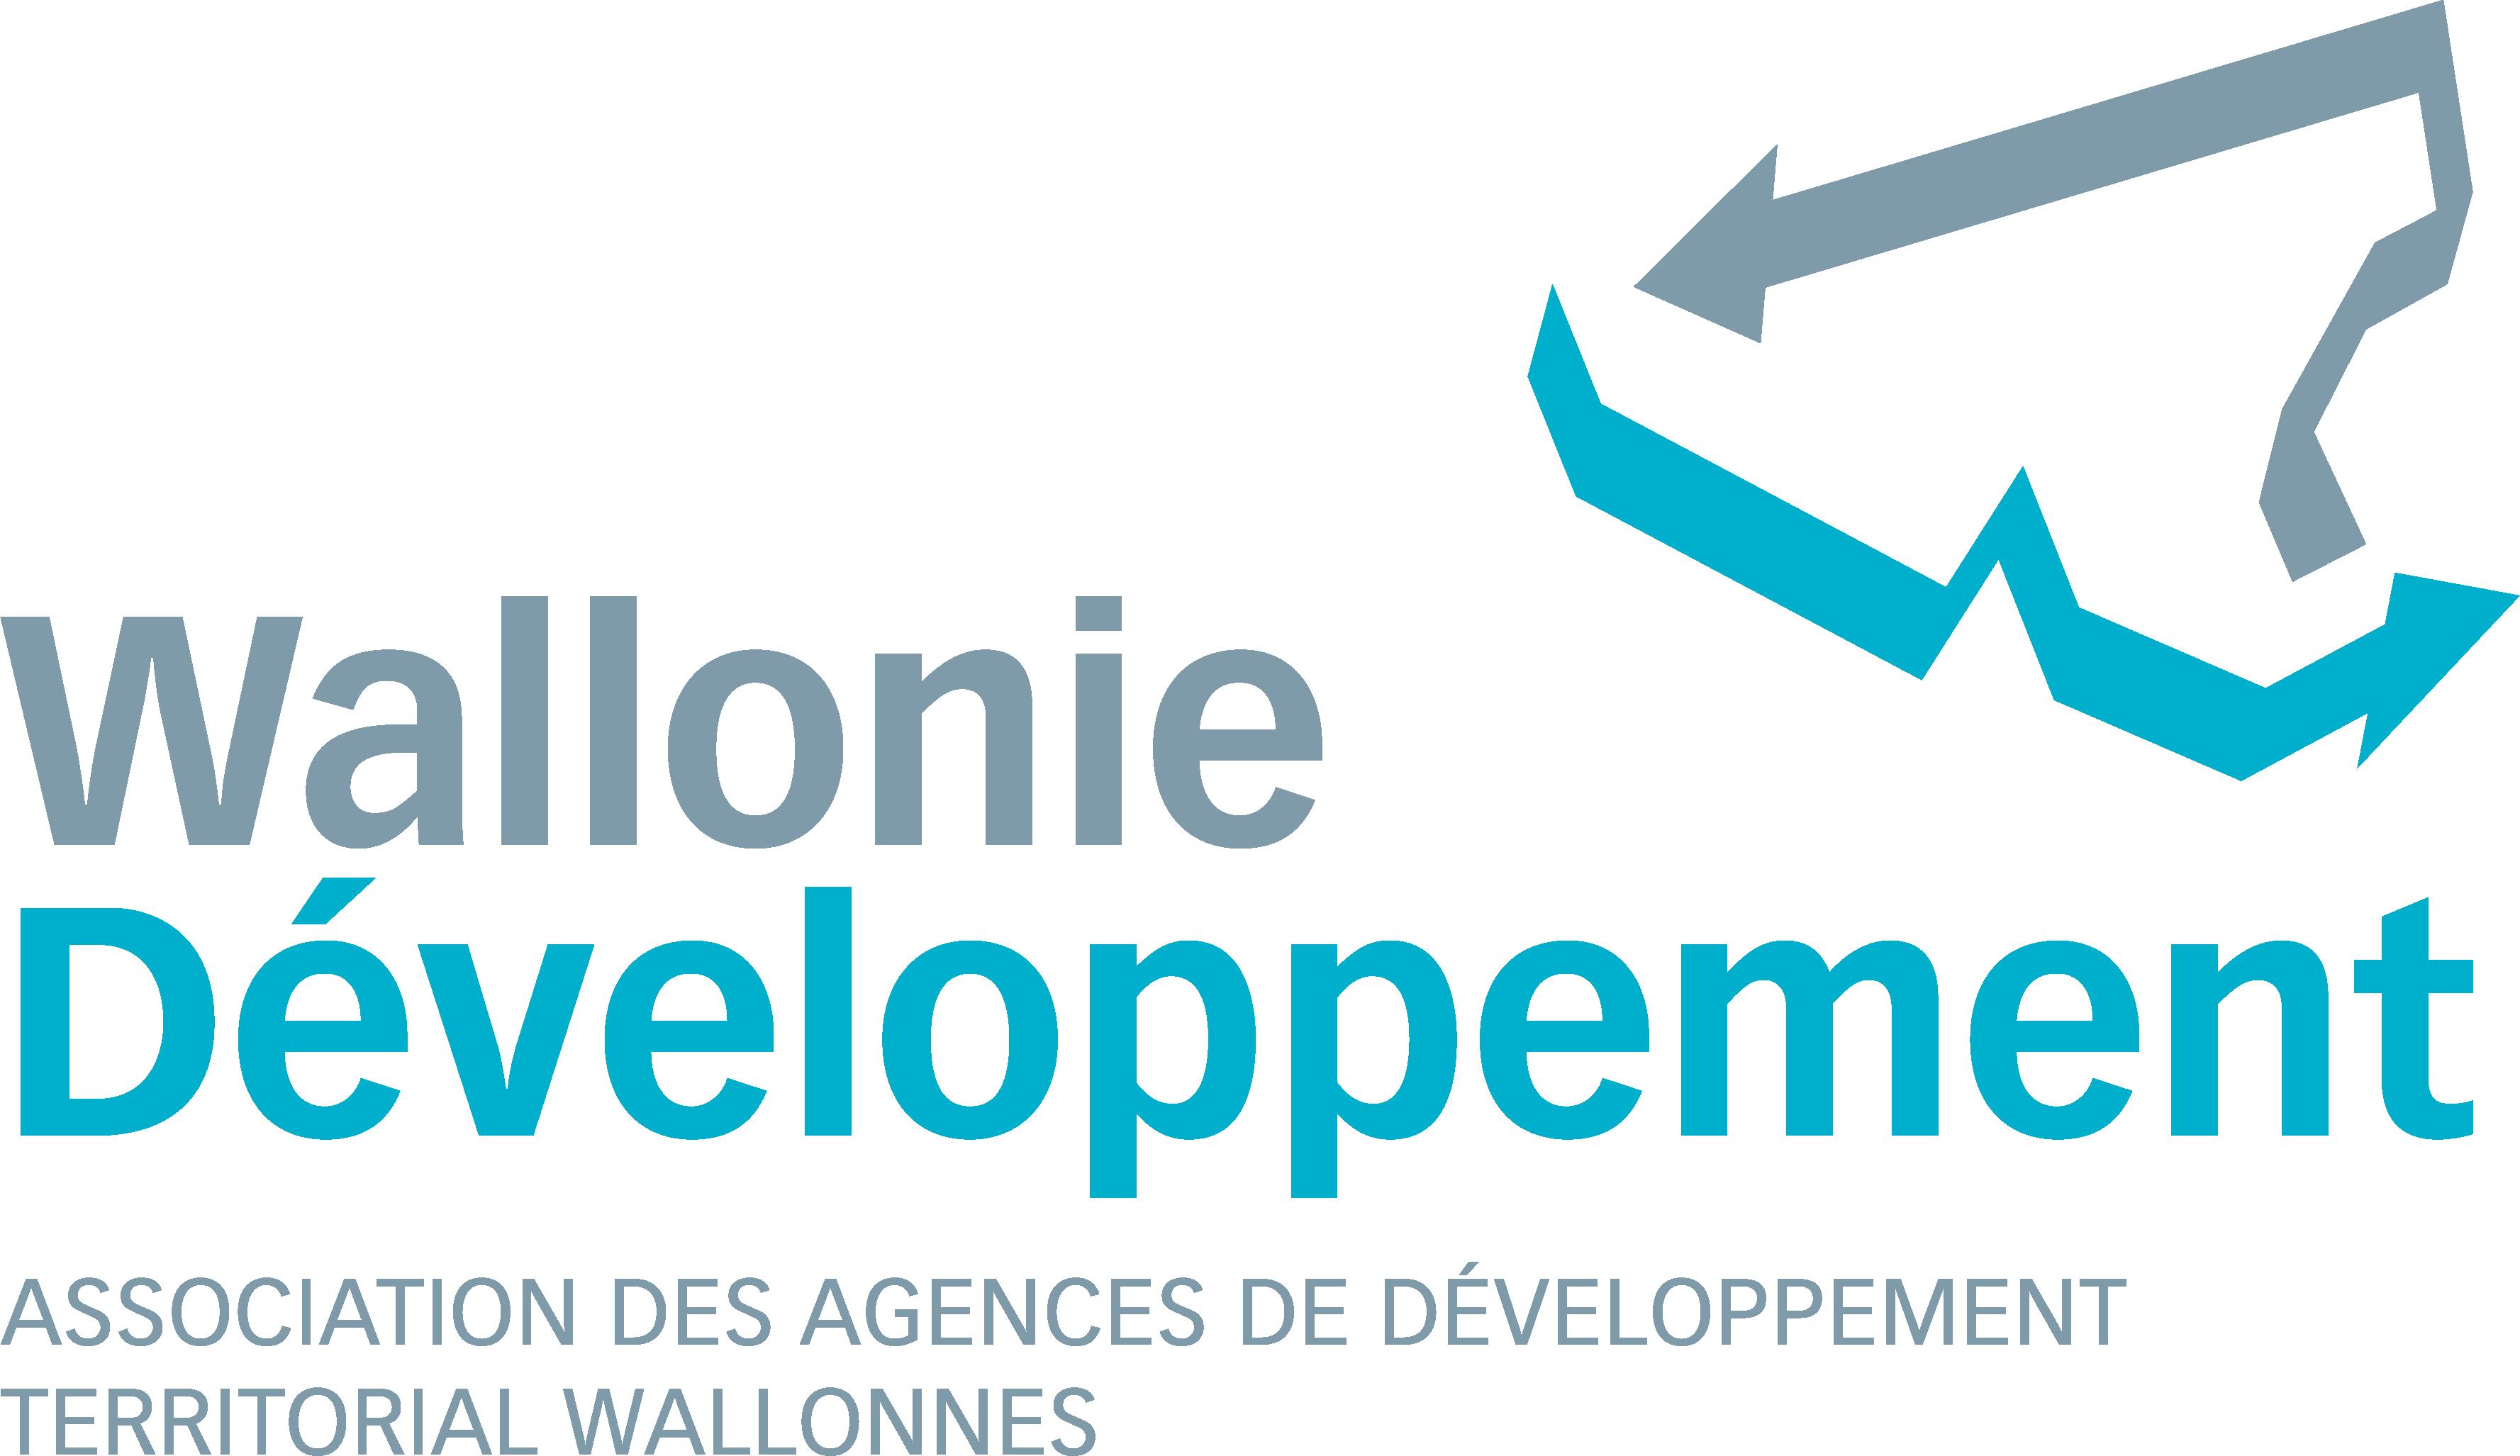 Wallonie Développement